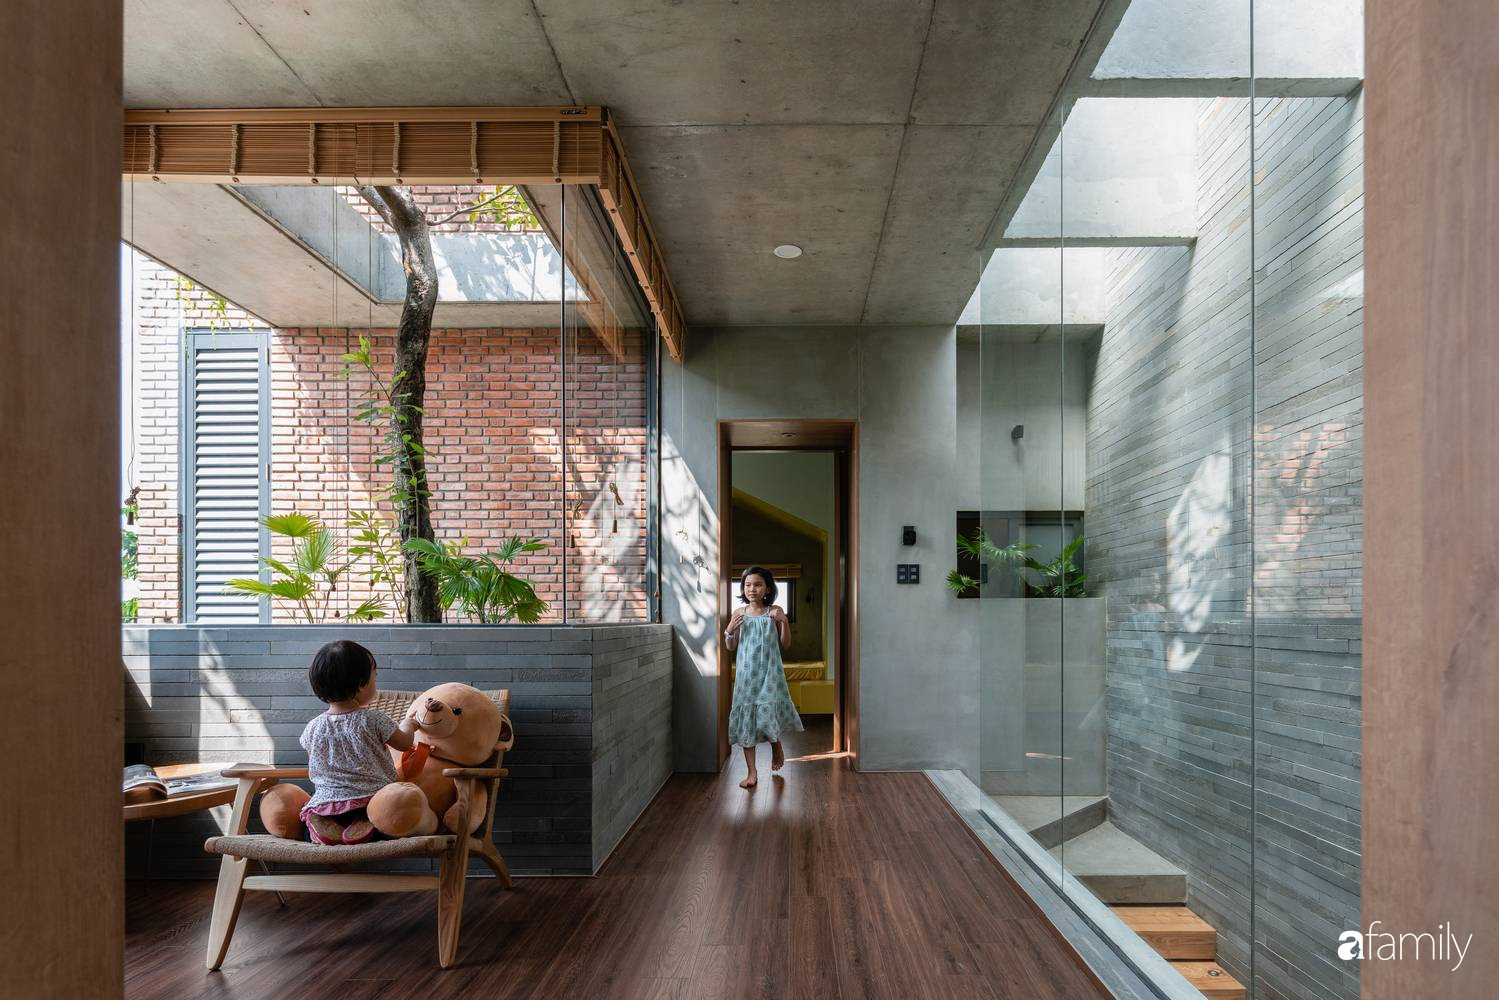 Ngôi nhà sử dụng vật liệu thuần tự nhiên tạo cảm giác bình yên cho hai cô con gái nhỏ cùng nhau lớn lên ở Đà Nẵng - Ảnh 5.